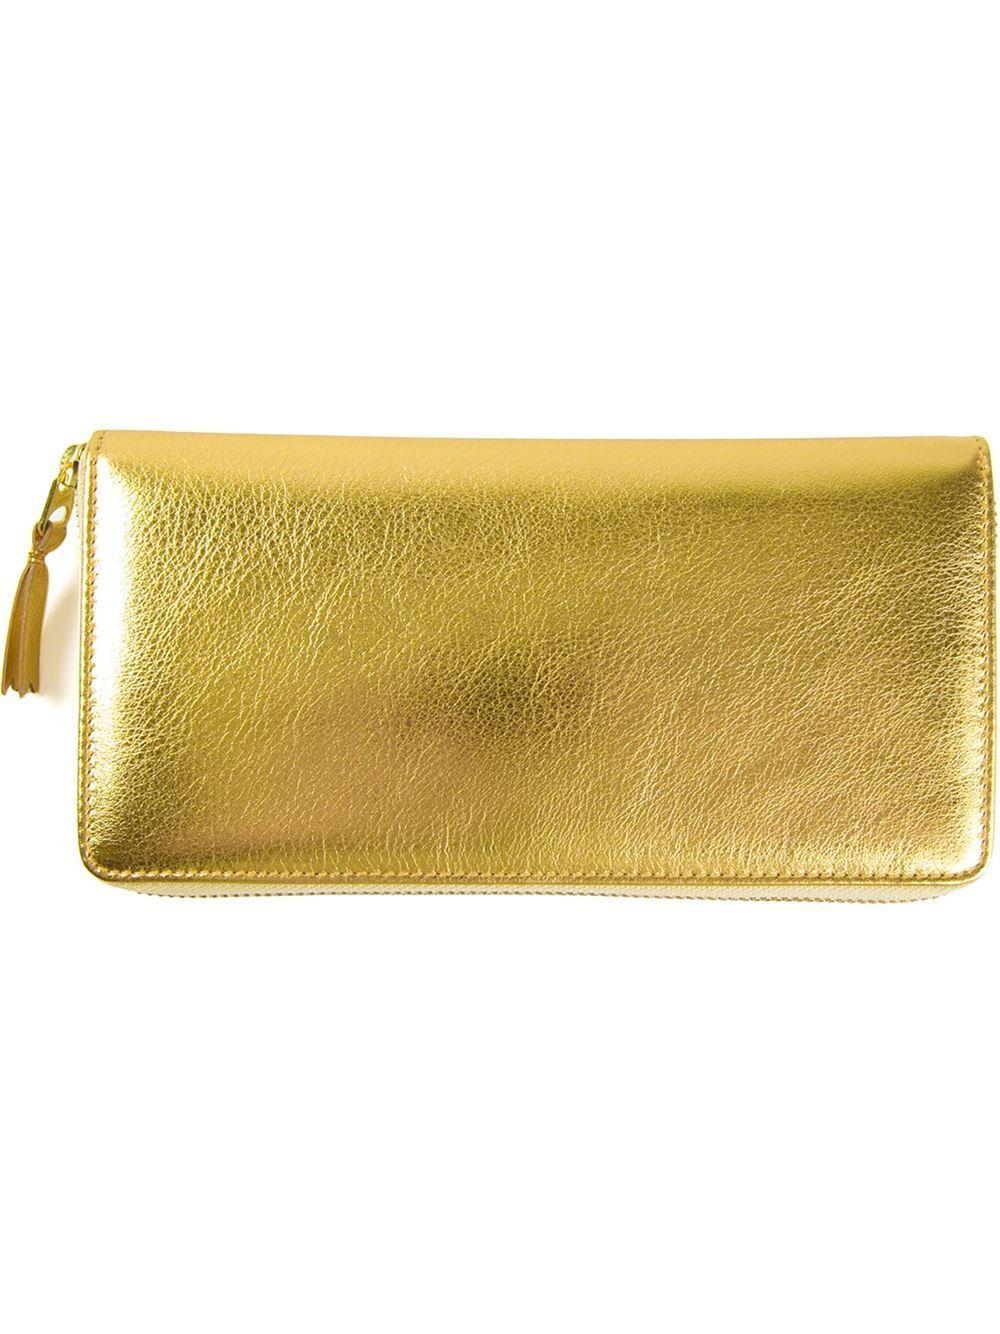 cdg-wallet-SA0110G-gold